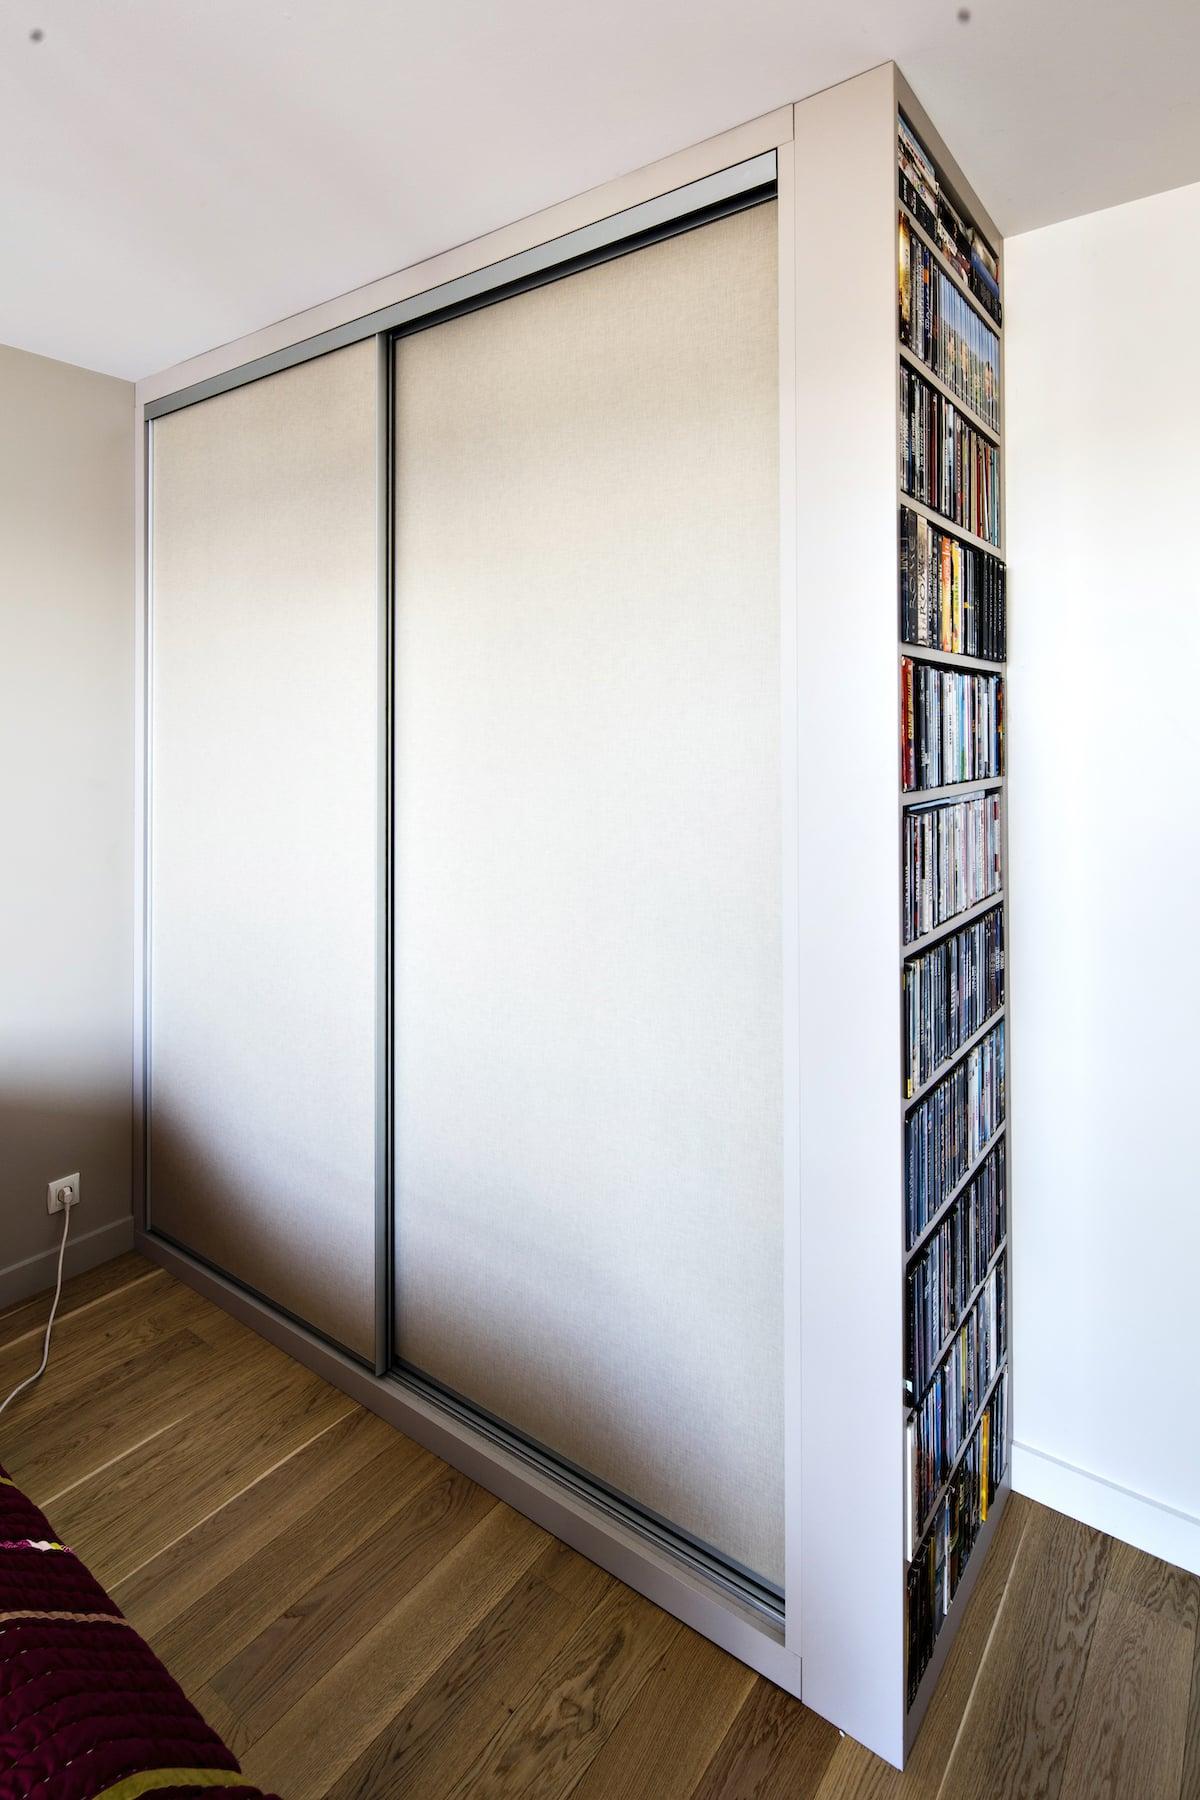 placard blanc avec étagères de rangement sur le côté droit